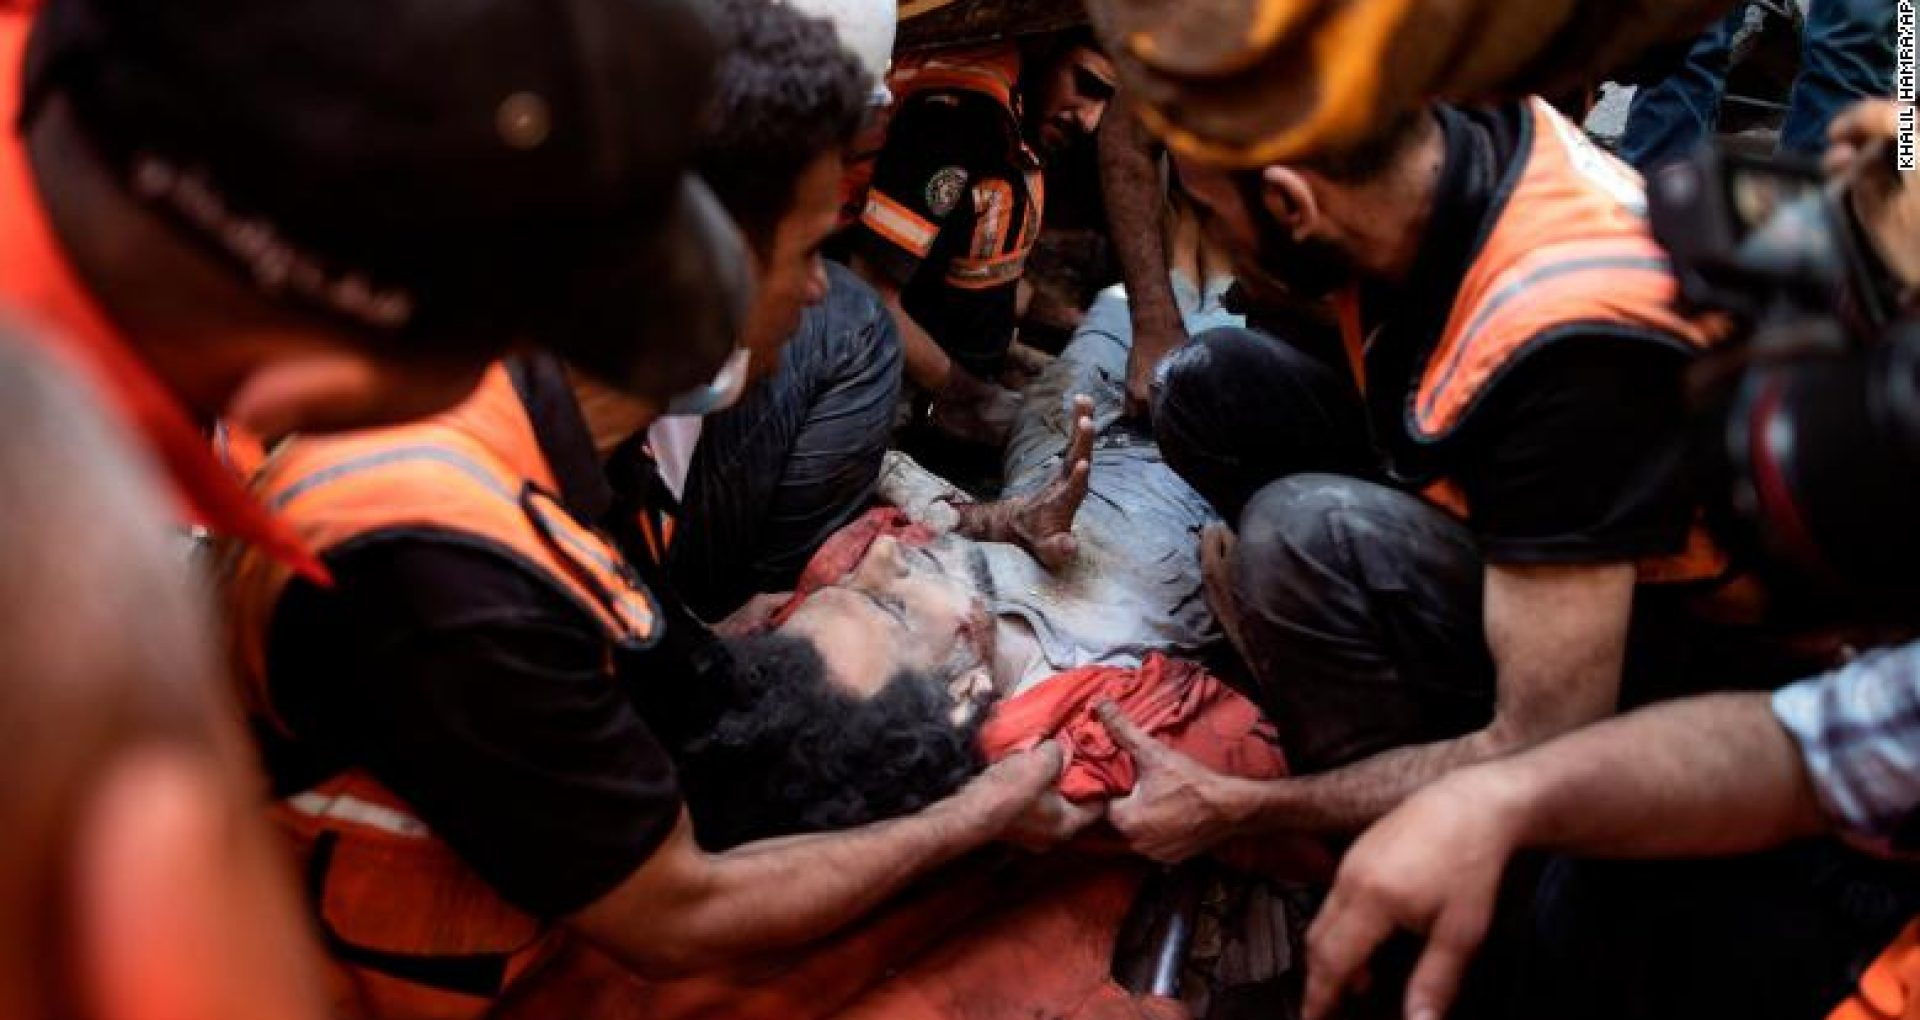 VIDEO/ Două atacuri aeriene israeliene au ucis cel puțin 43 de palestinieni, inclusiv opt copii și au rănit alți 50 de oameni, majoritatea femei și copii